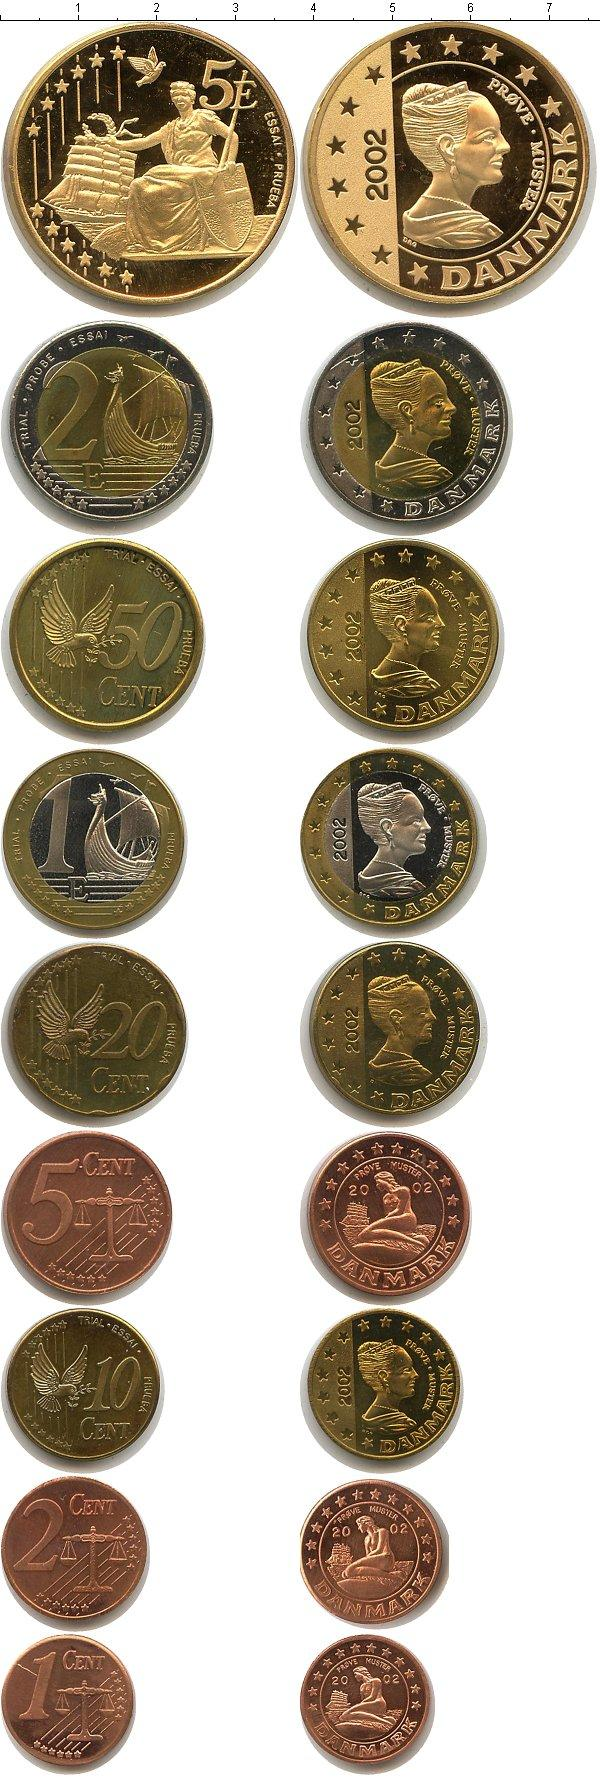 Каталог монет - Дания Пробный евронабор 2002